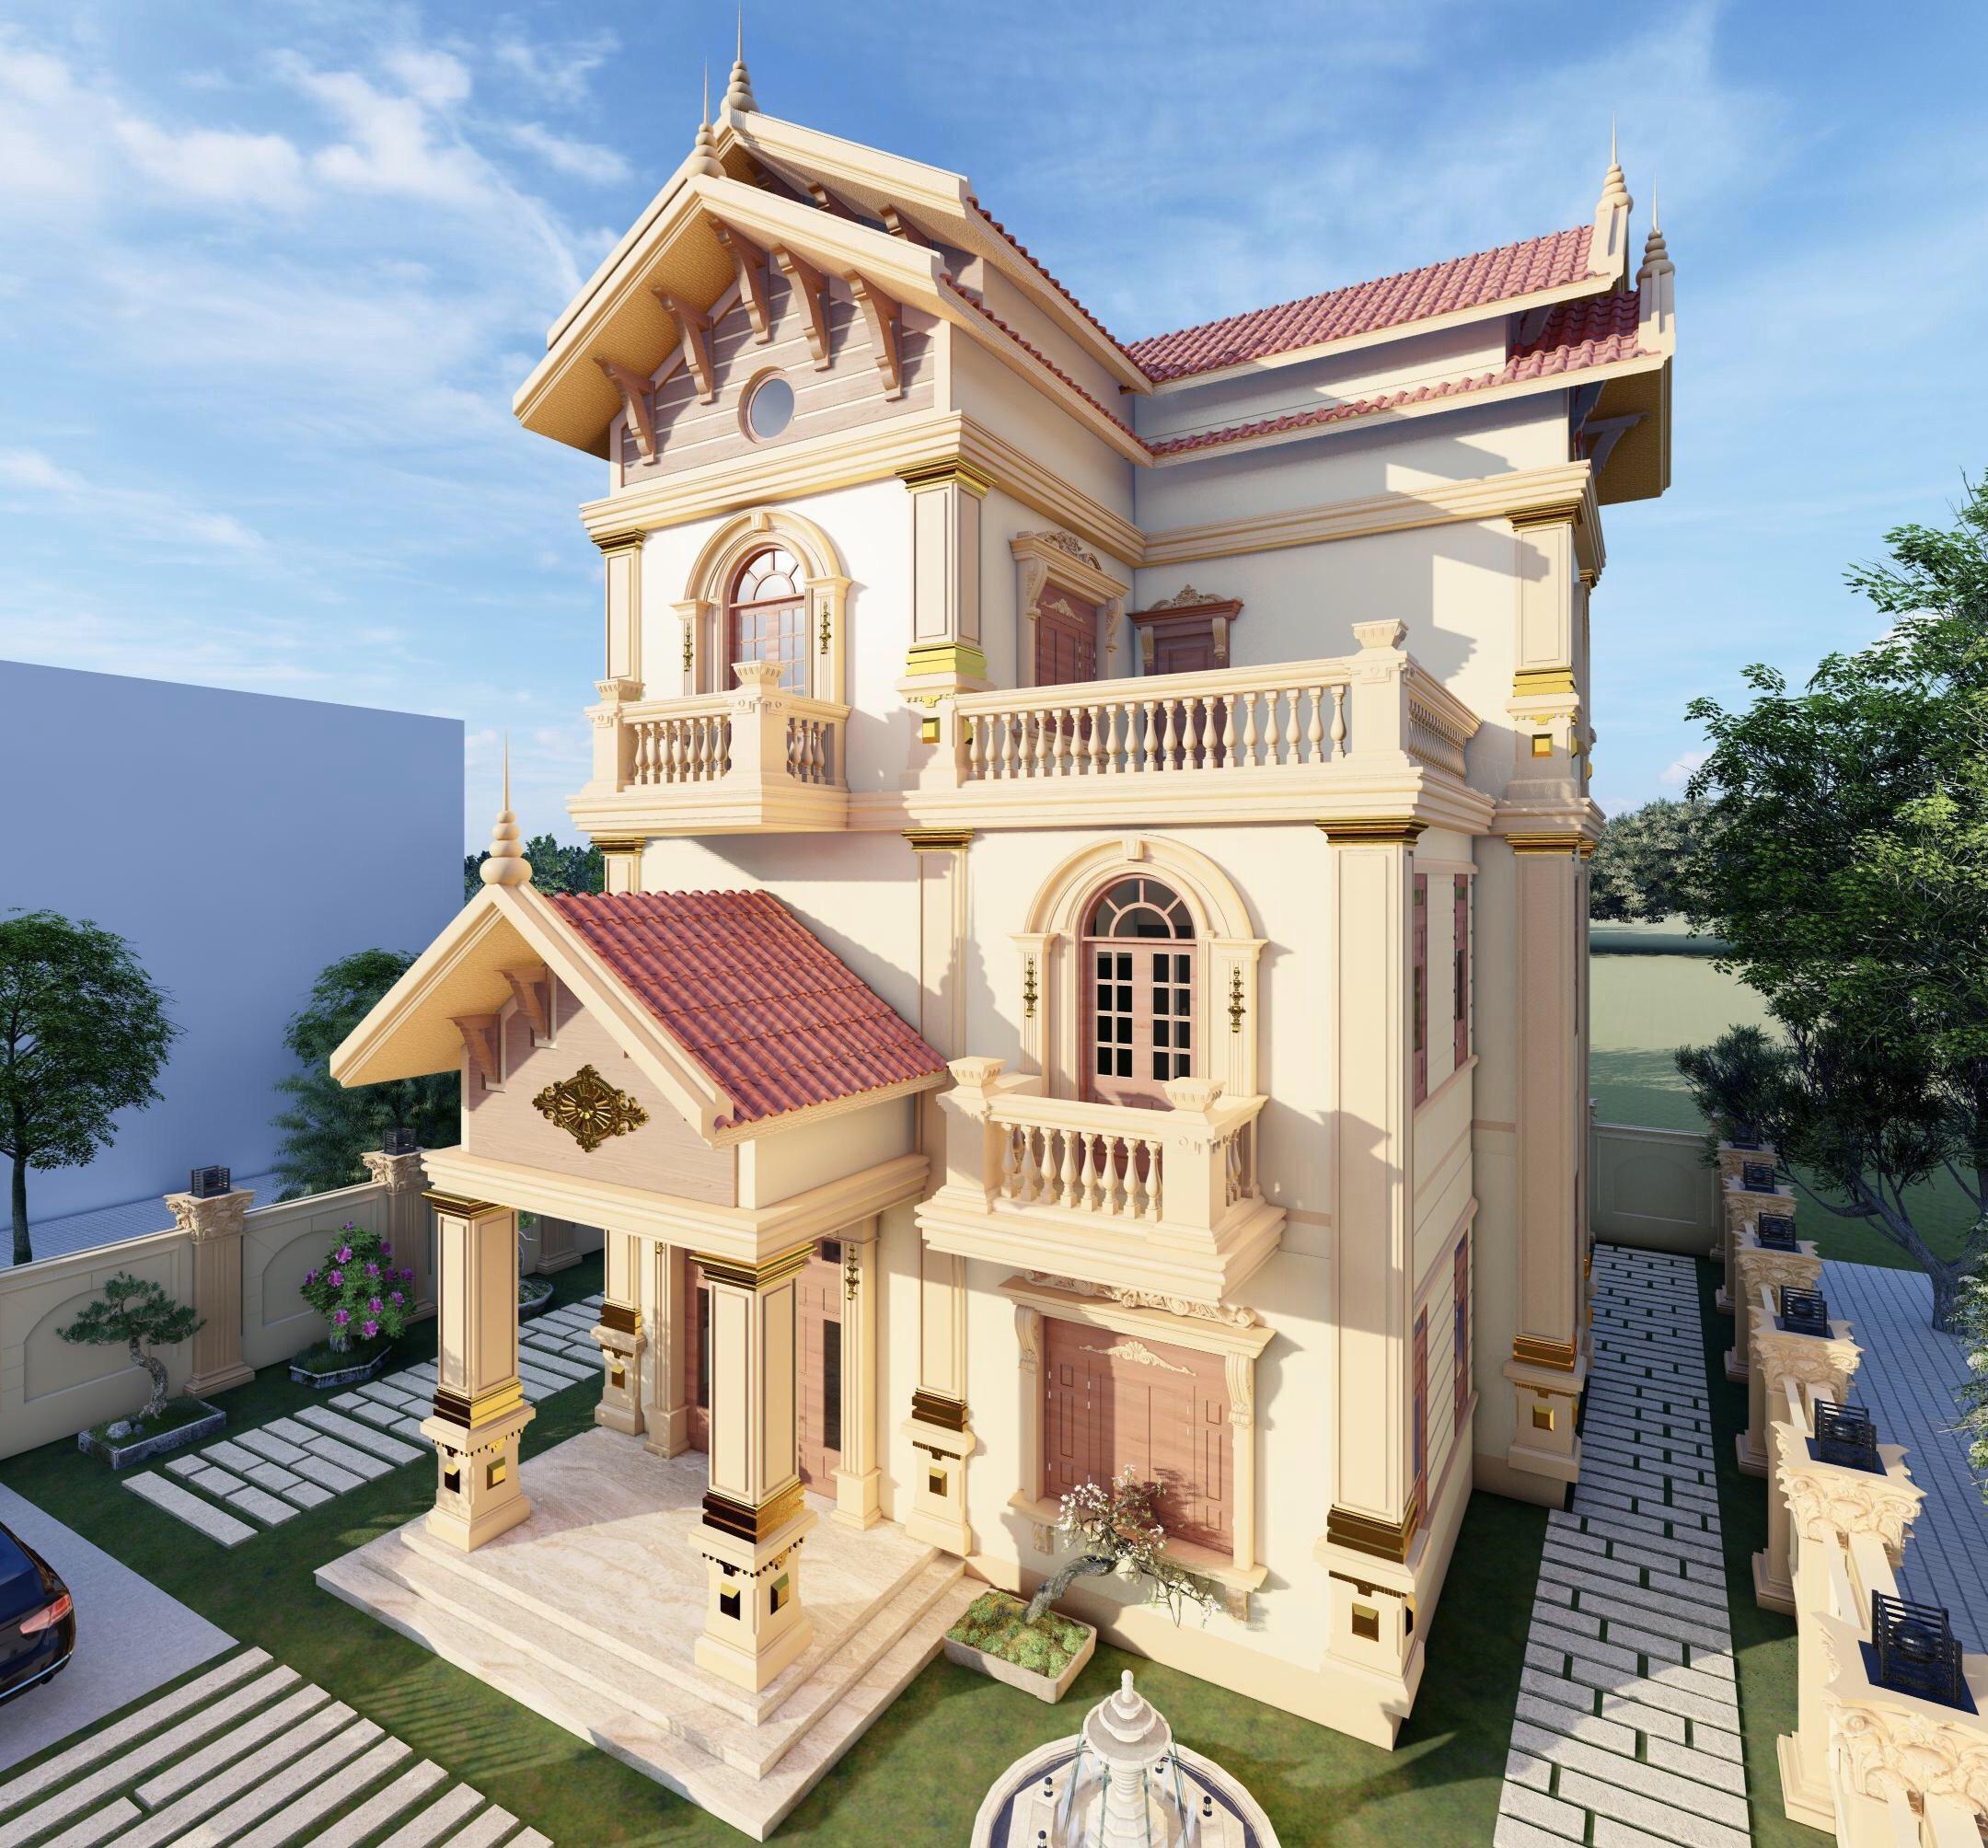 Mẫu thiết kế biệt thự 3 tầng tân cổ điển sang trọng